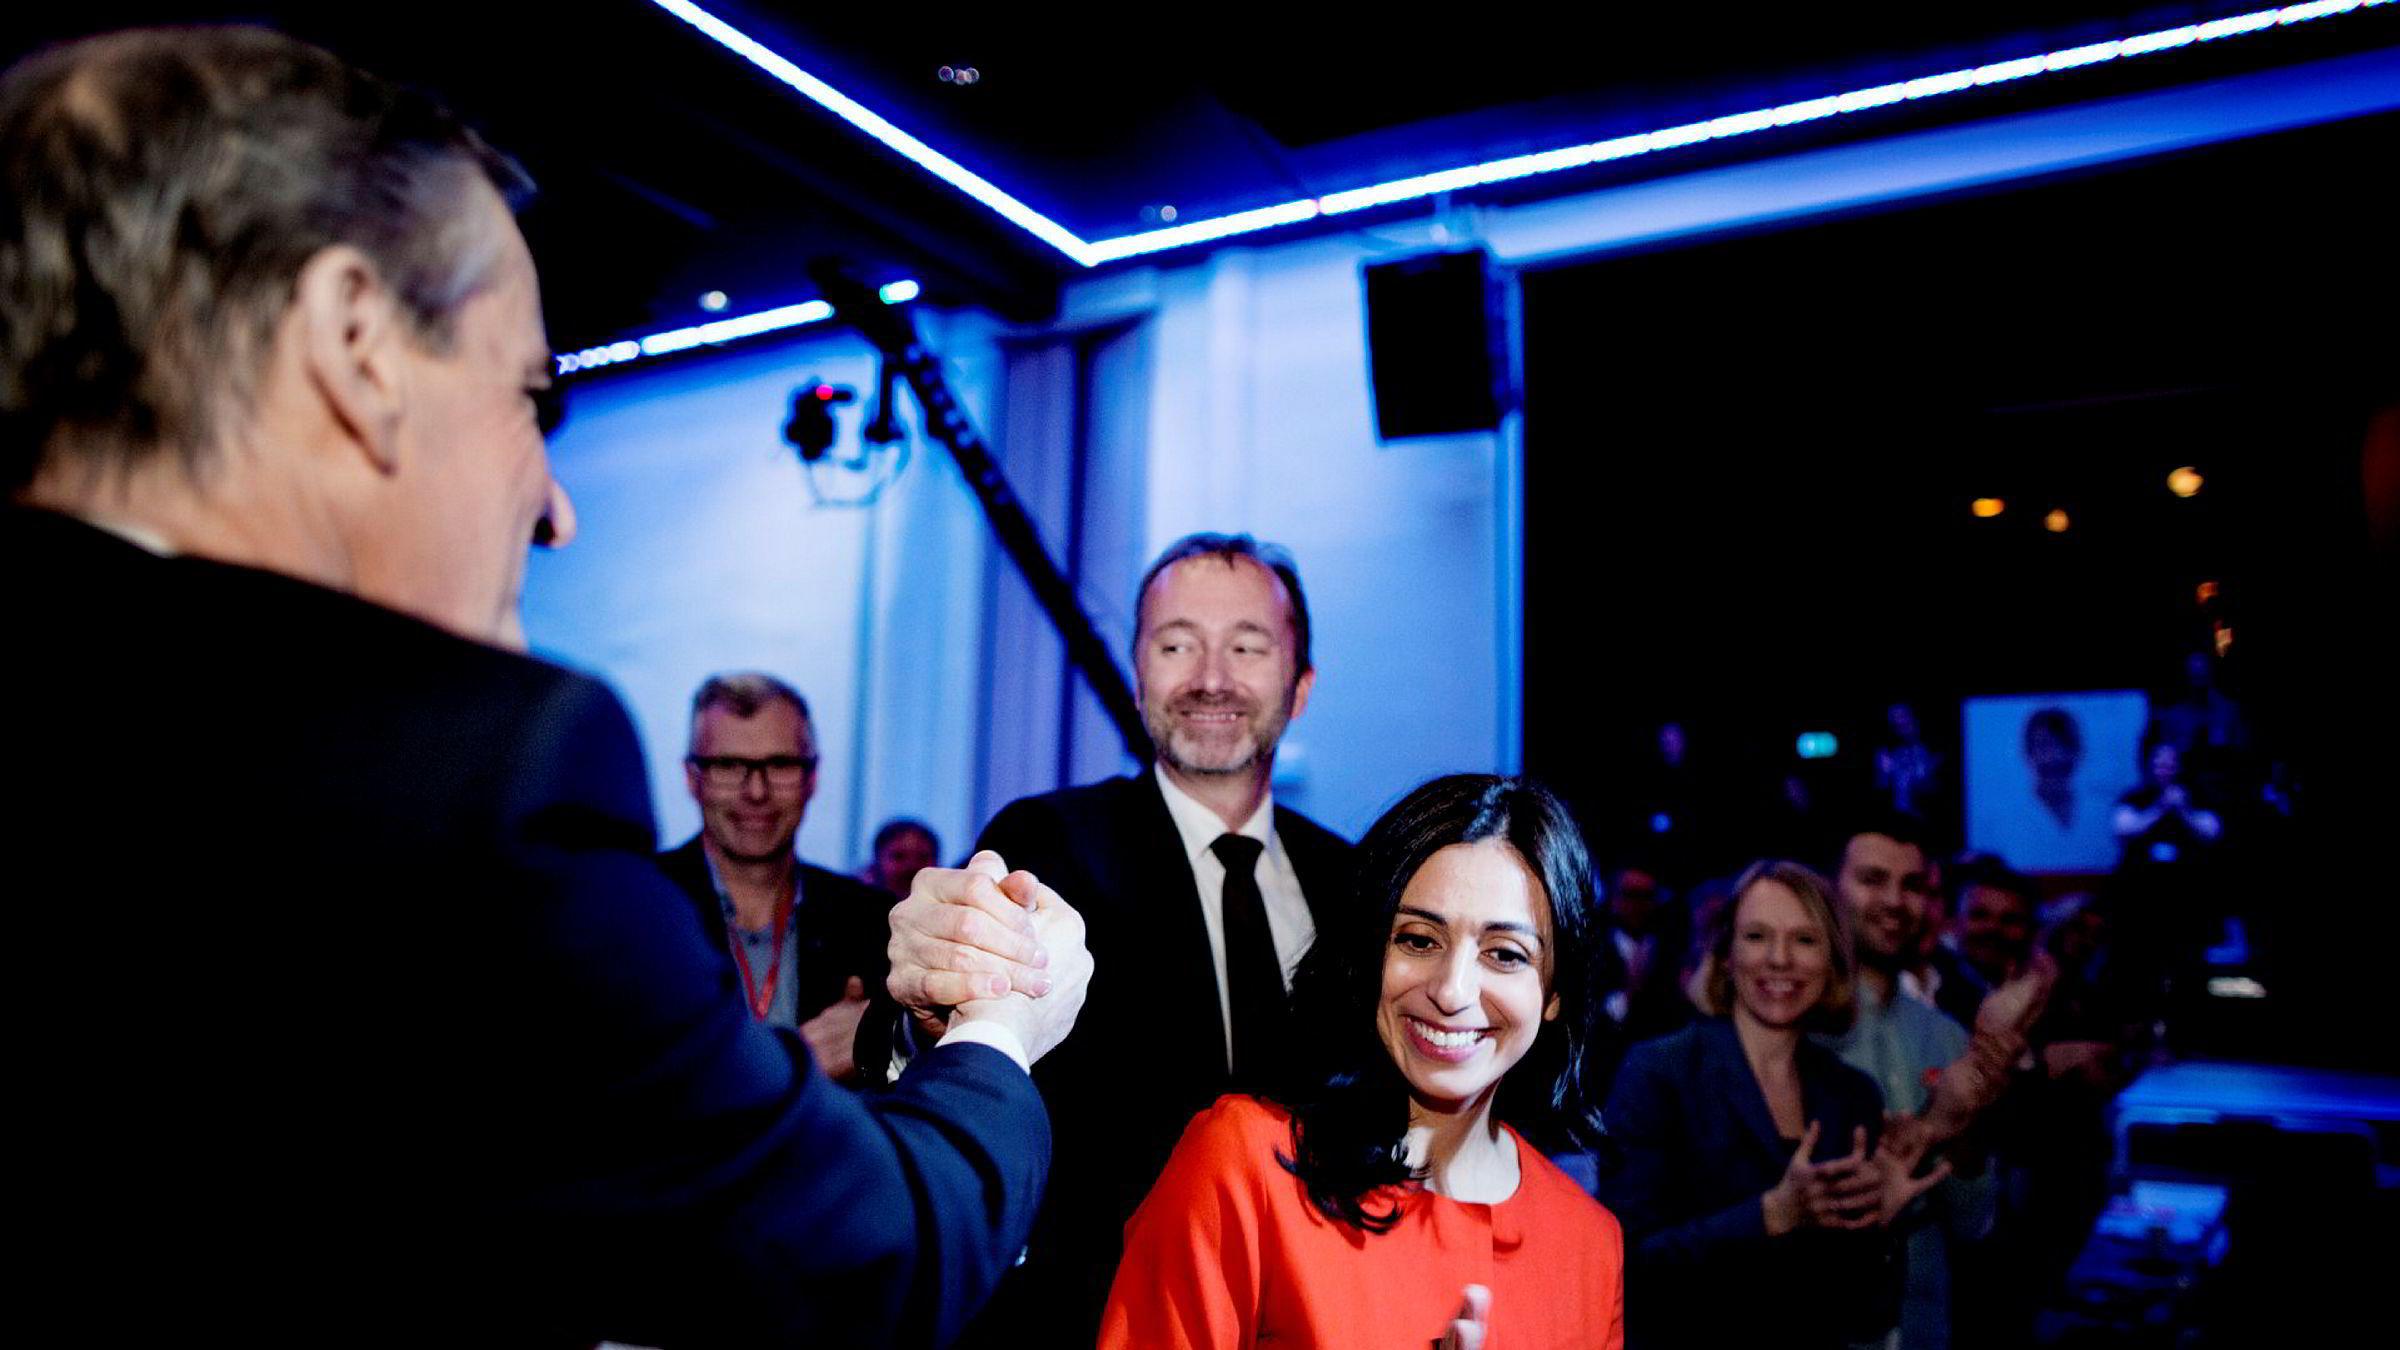 Nestlederne Hadia Tajik og Trond Giske under åpningen av landsmøtet til Arbeiderpartiet tidligere i år. Til venstre står partileder Jonas Gahr Støre.